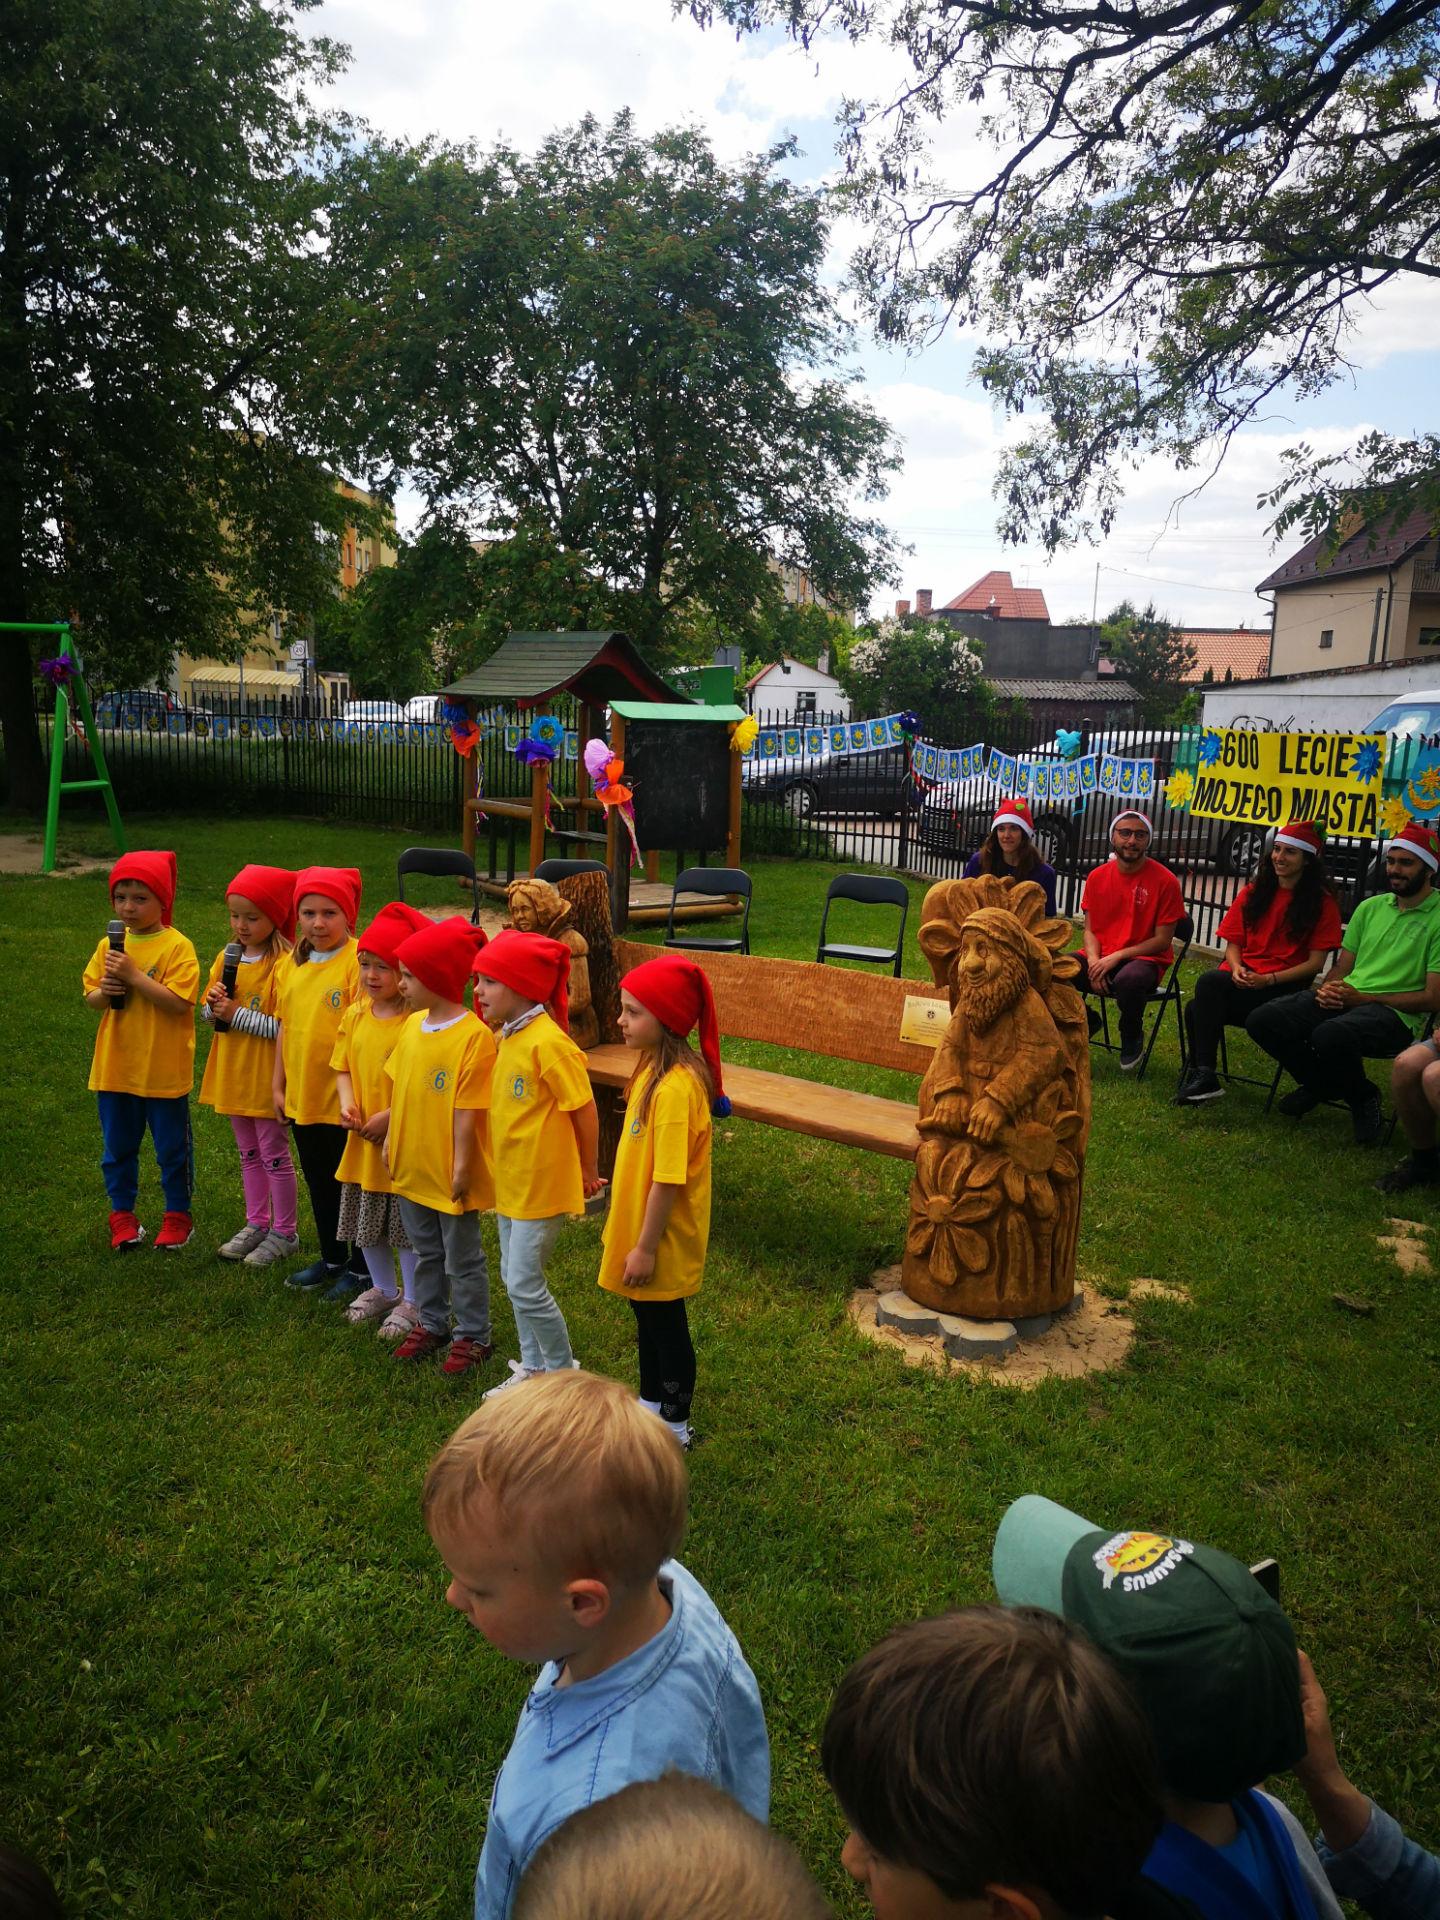 Fotografia wykonana przed przedszkolem miejskim nr 6. Na pierwszym planie dzieci w długich czerwonych czapkach stoją przed drewnianą ławką dekorowaną rzeźbiarsko postacią krasnoludka.